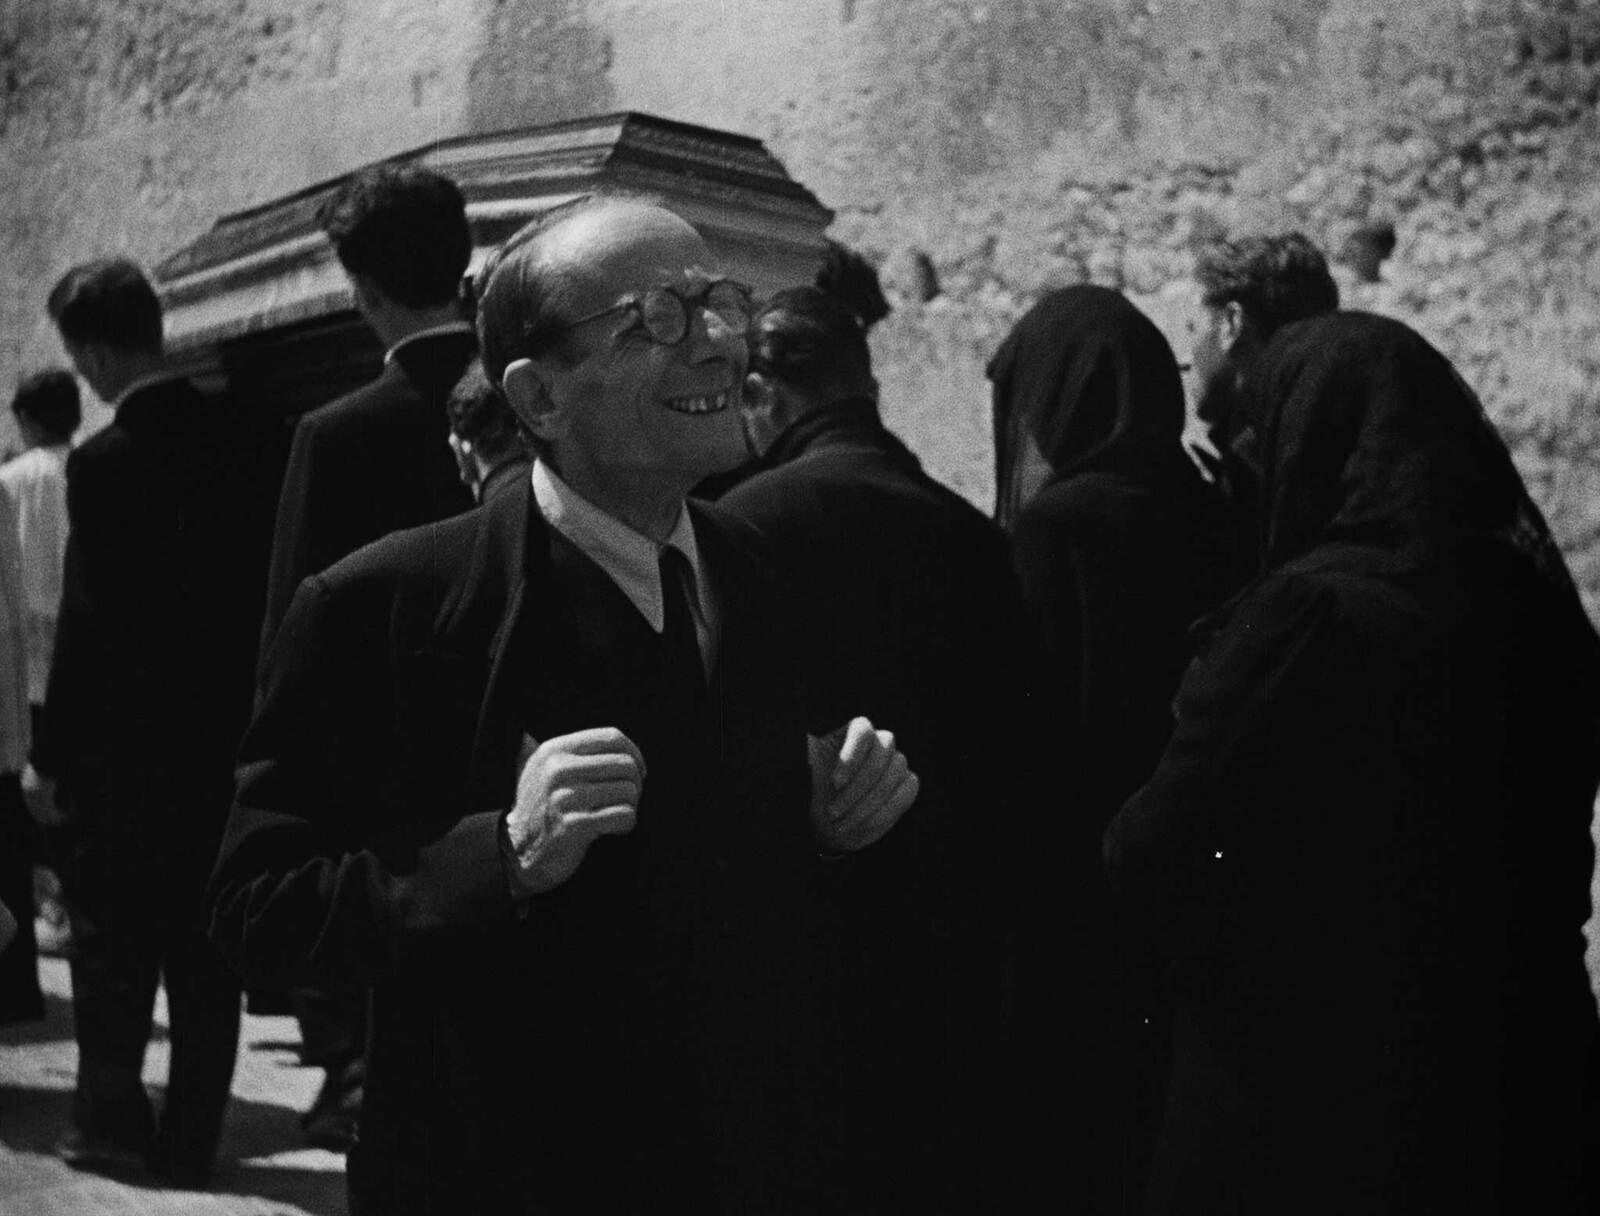 """(BANDE-ANNONCE) Rétrospective ROSSELLINI """"Une Vie de CinémaS"""" A partir du 30 juin 2021 au cinéma"""